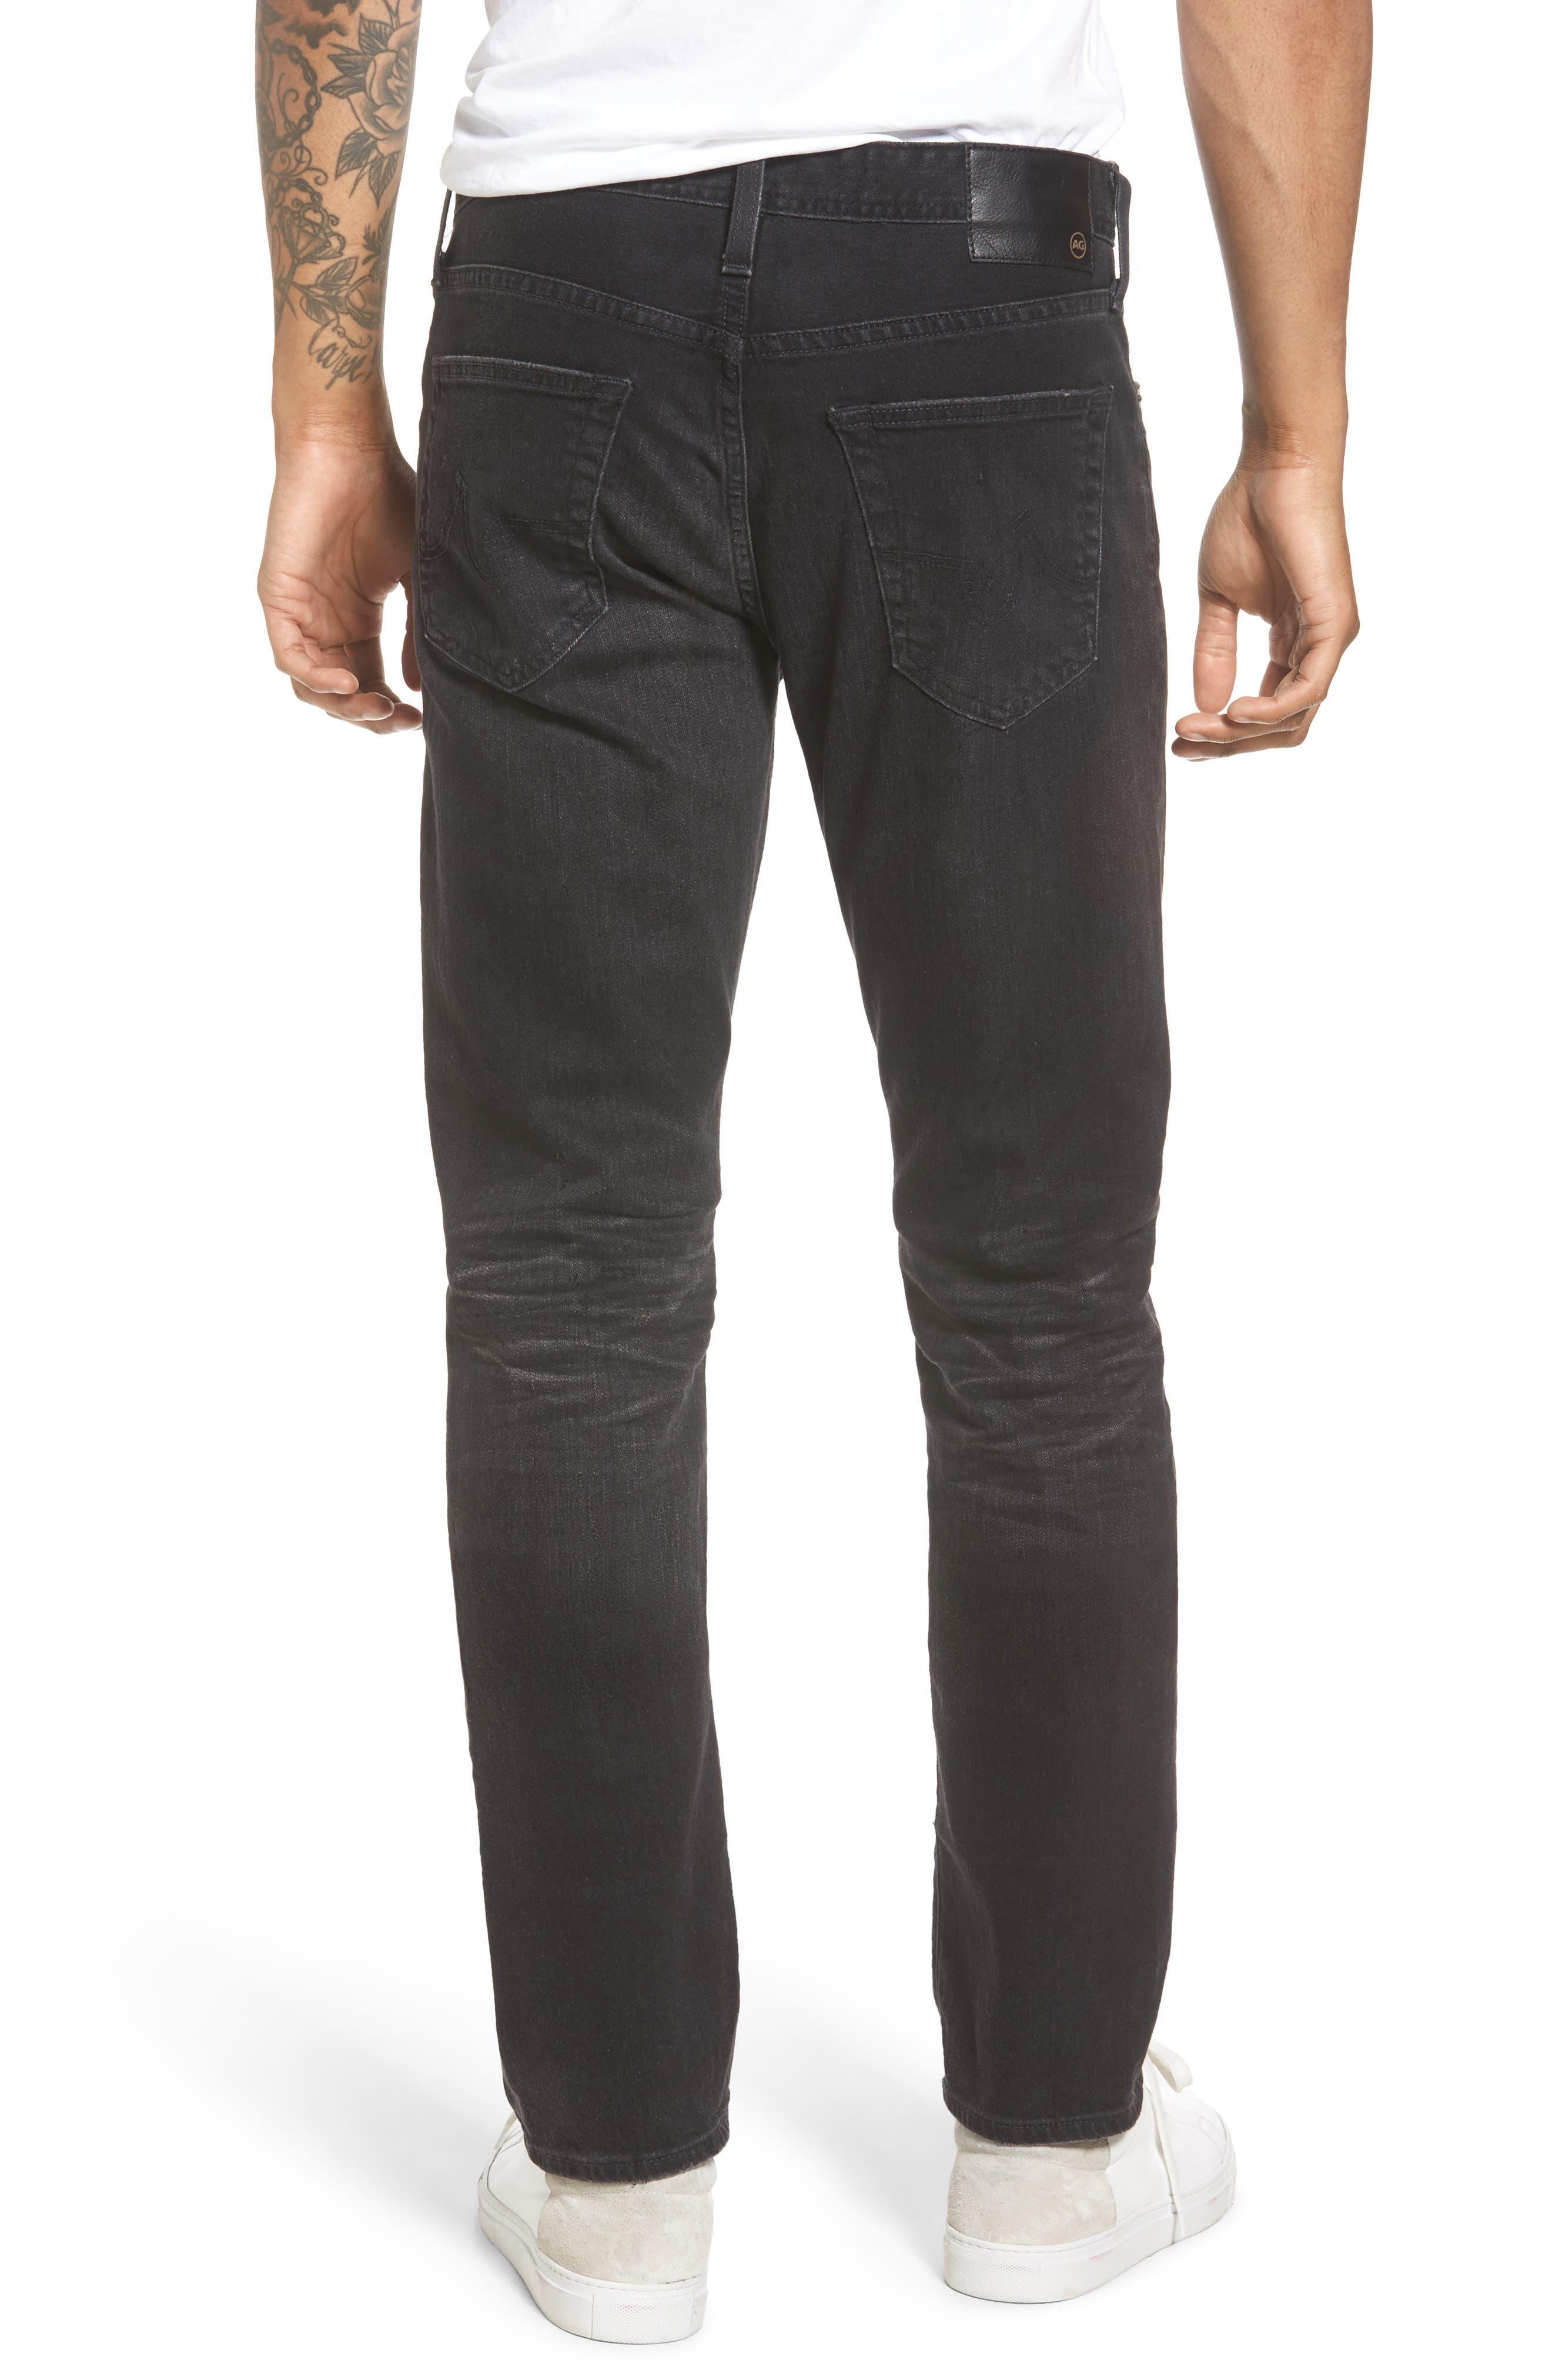 Everett Slim Straight Leg Jeans,                             Alternate thumbnail 3, color,                             4 Years Down